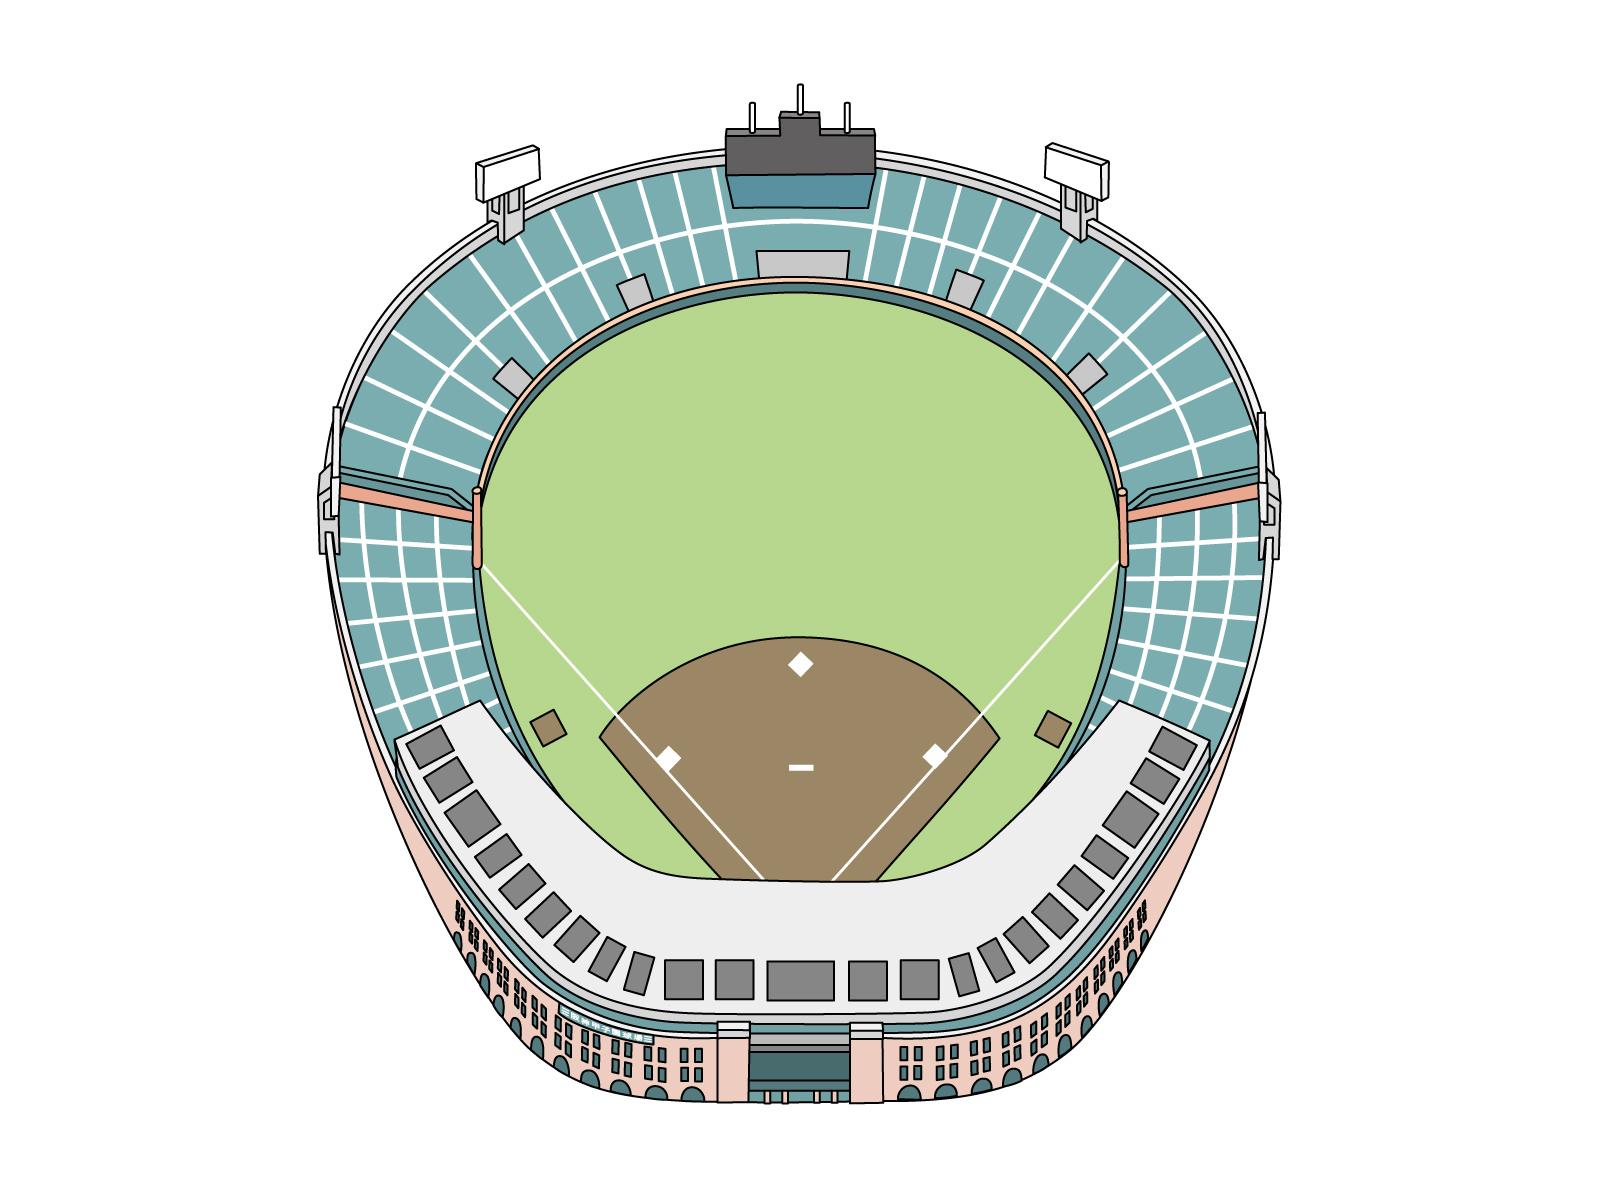 hanshin_baseball.jpg